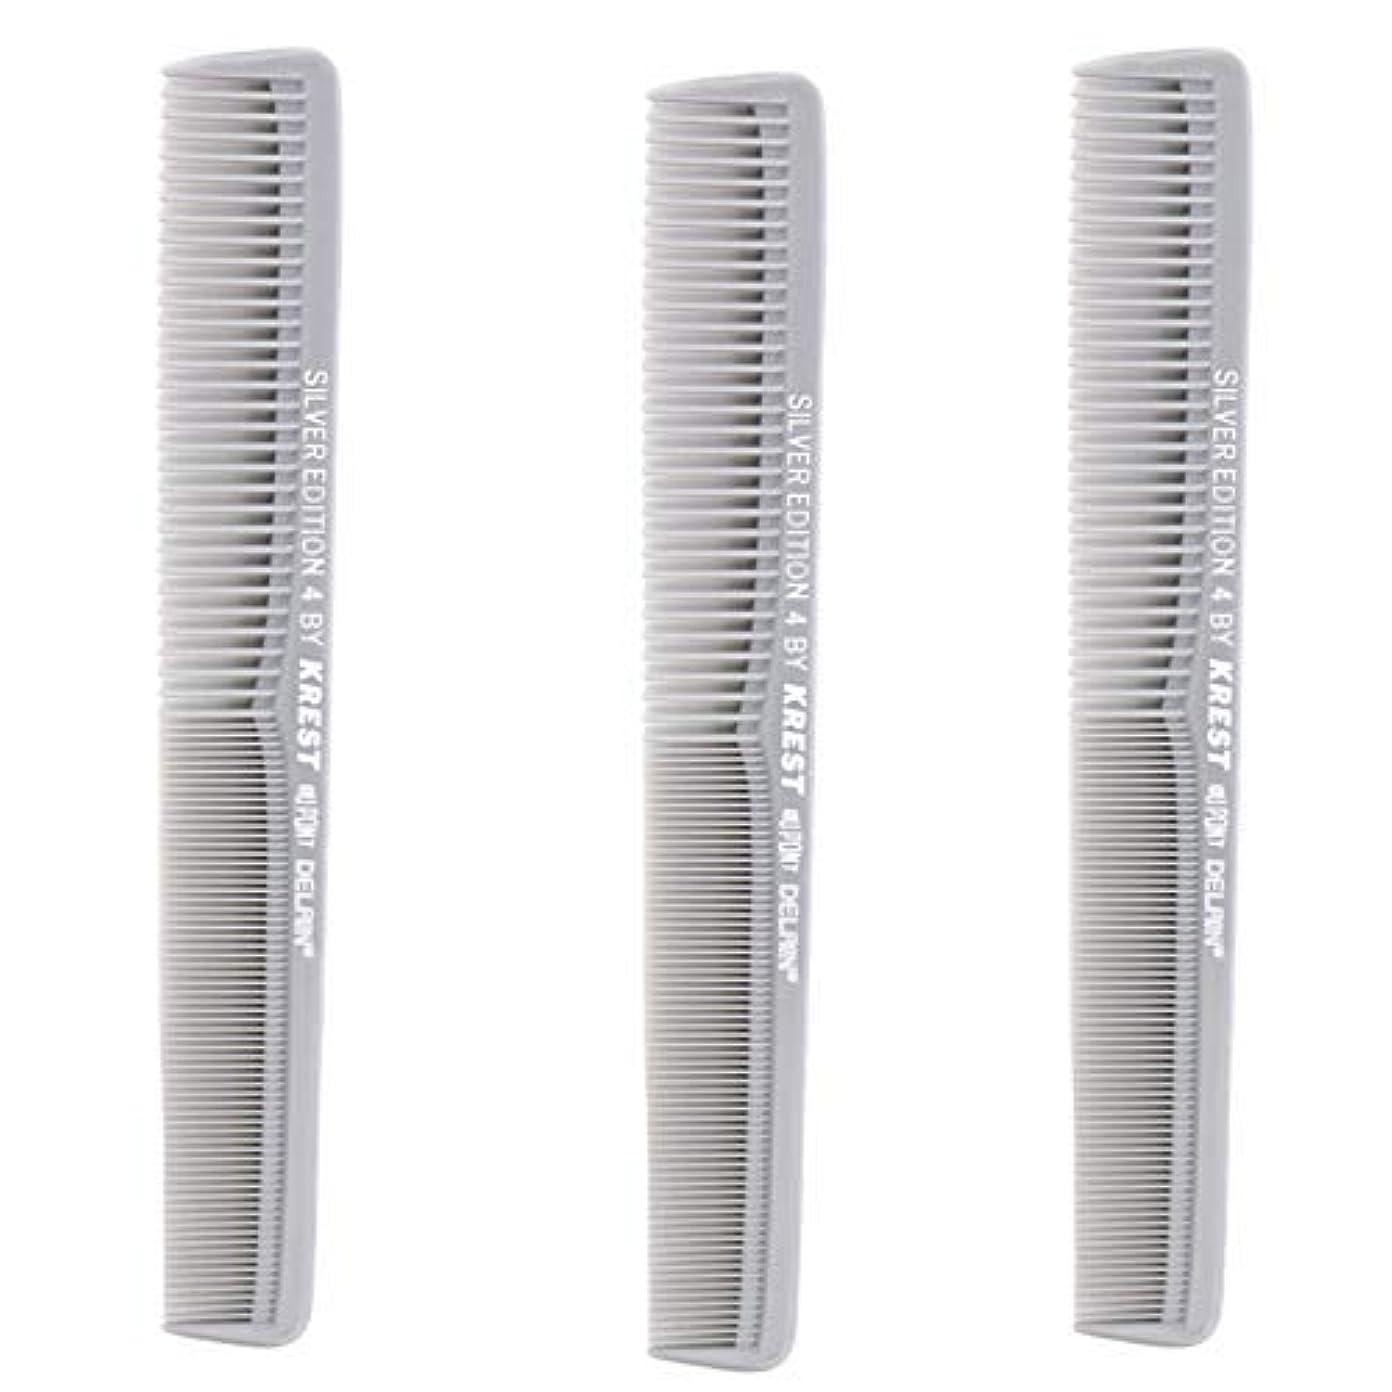 過激派生理野球Krest Comb 7 In. Silver Edition Heat Resistant All Purpose Hair Comb Model #4 [並行輸入品]